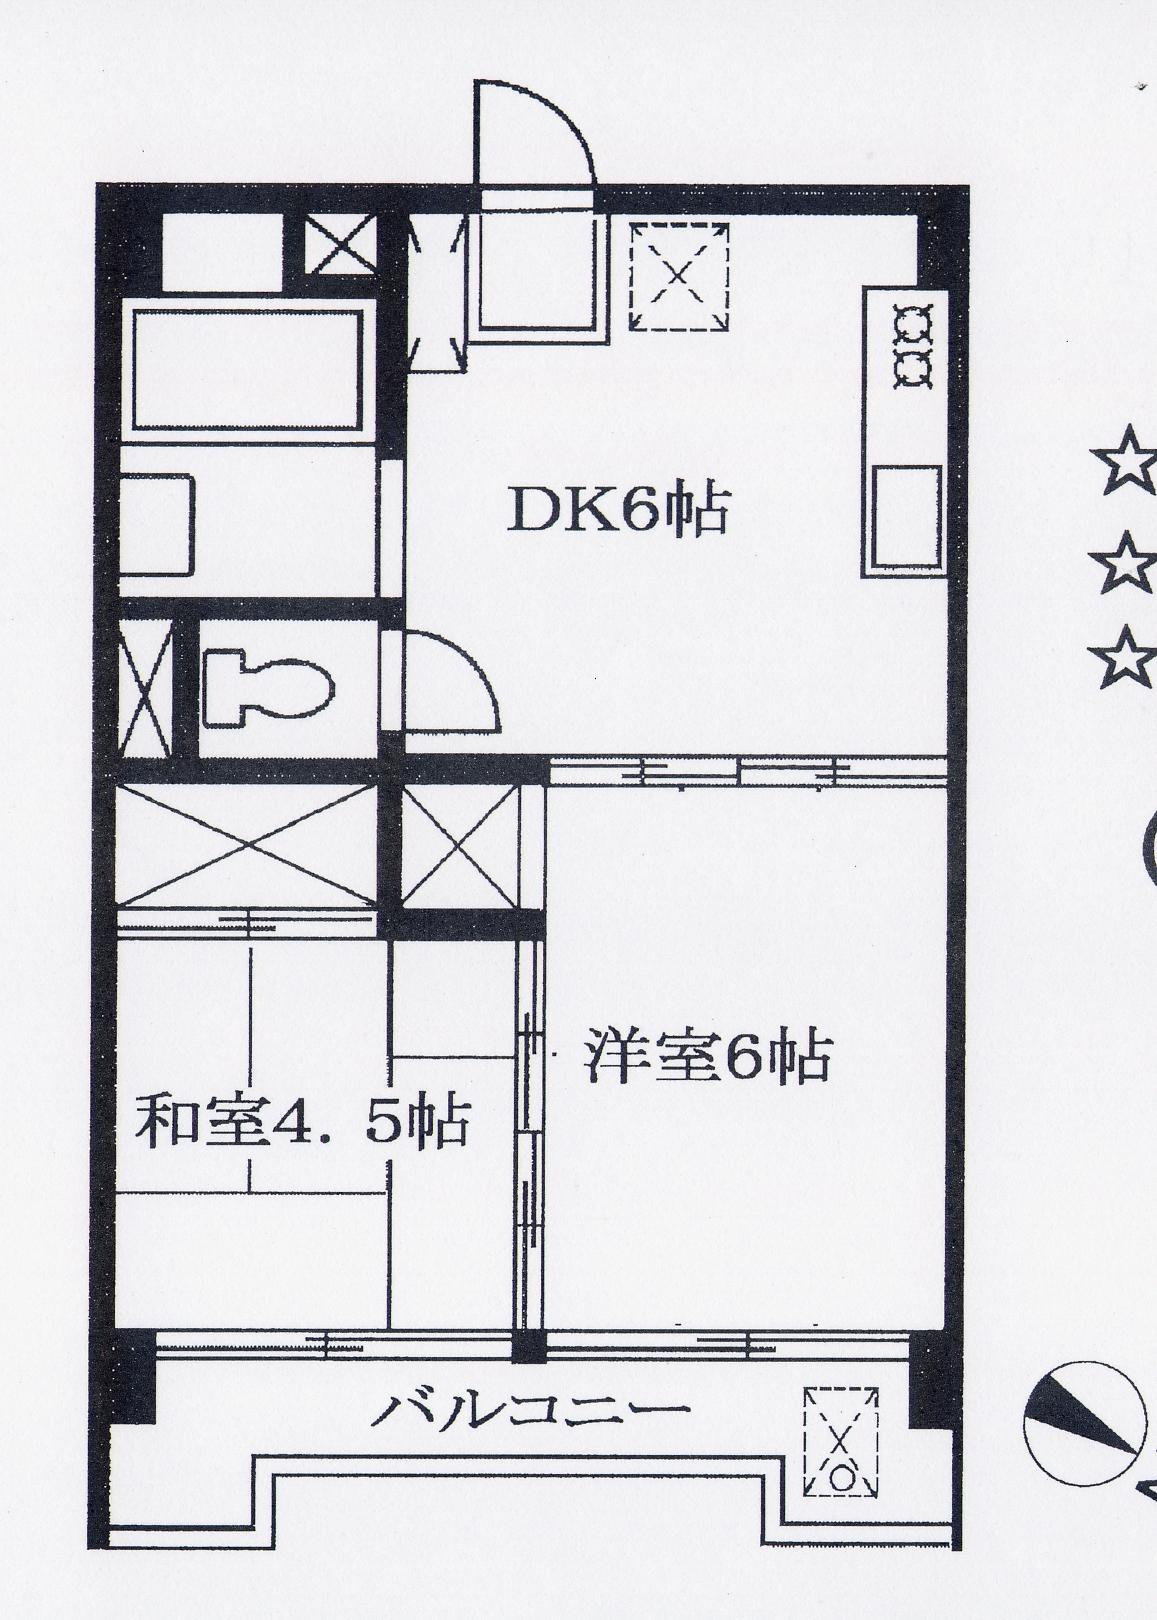 墨田区立川4丁目2DK賃貸マンション物件情報